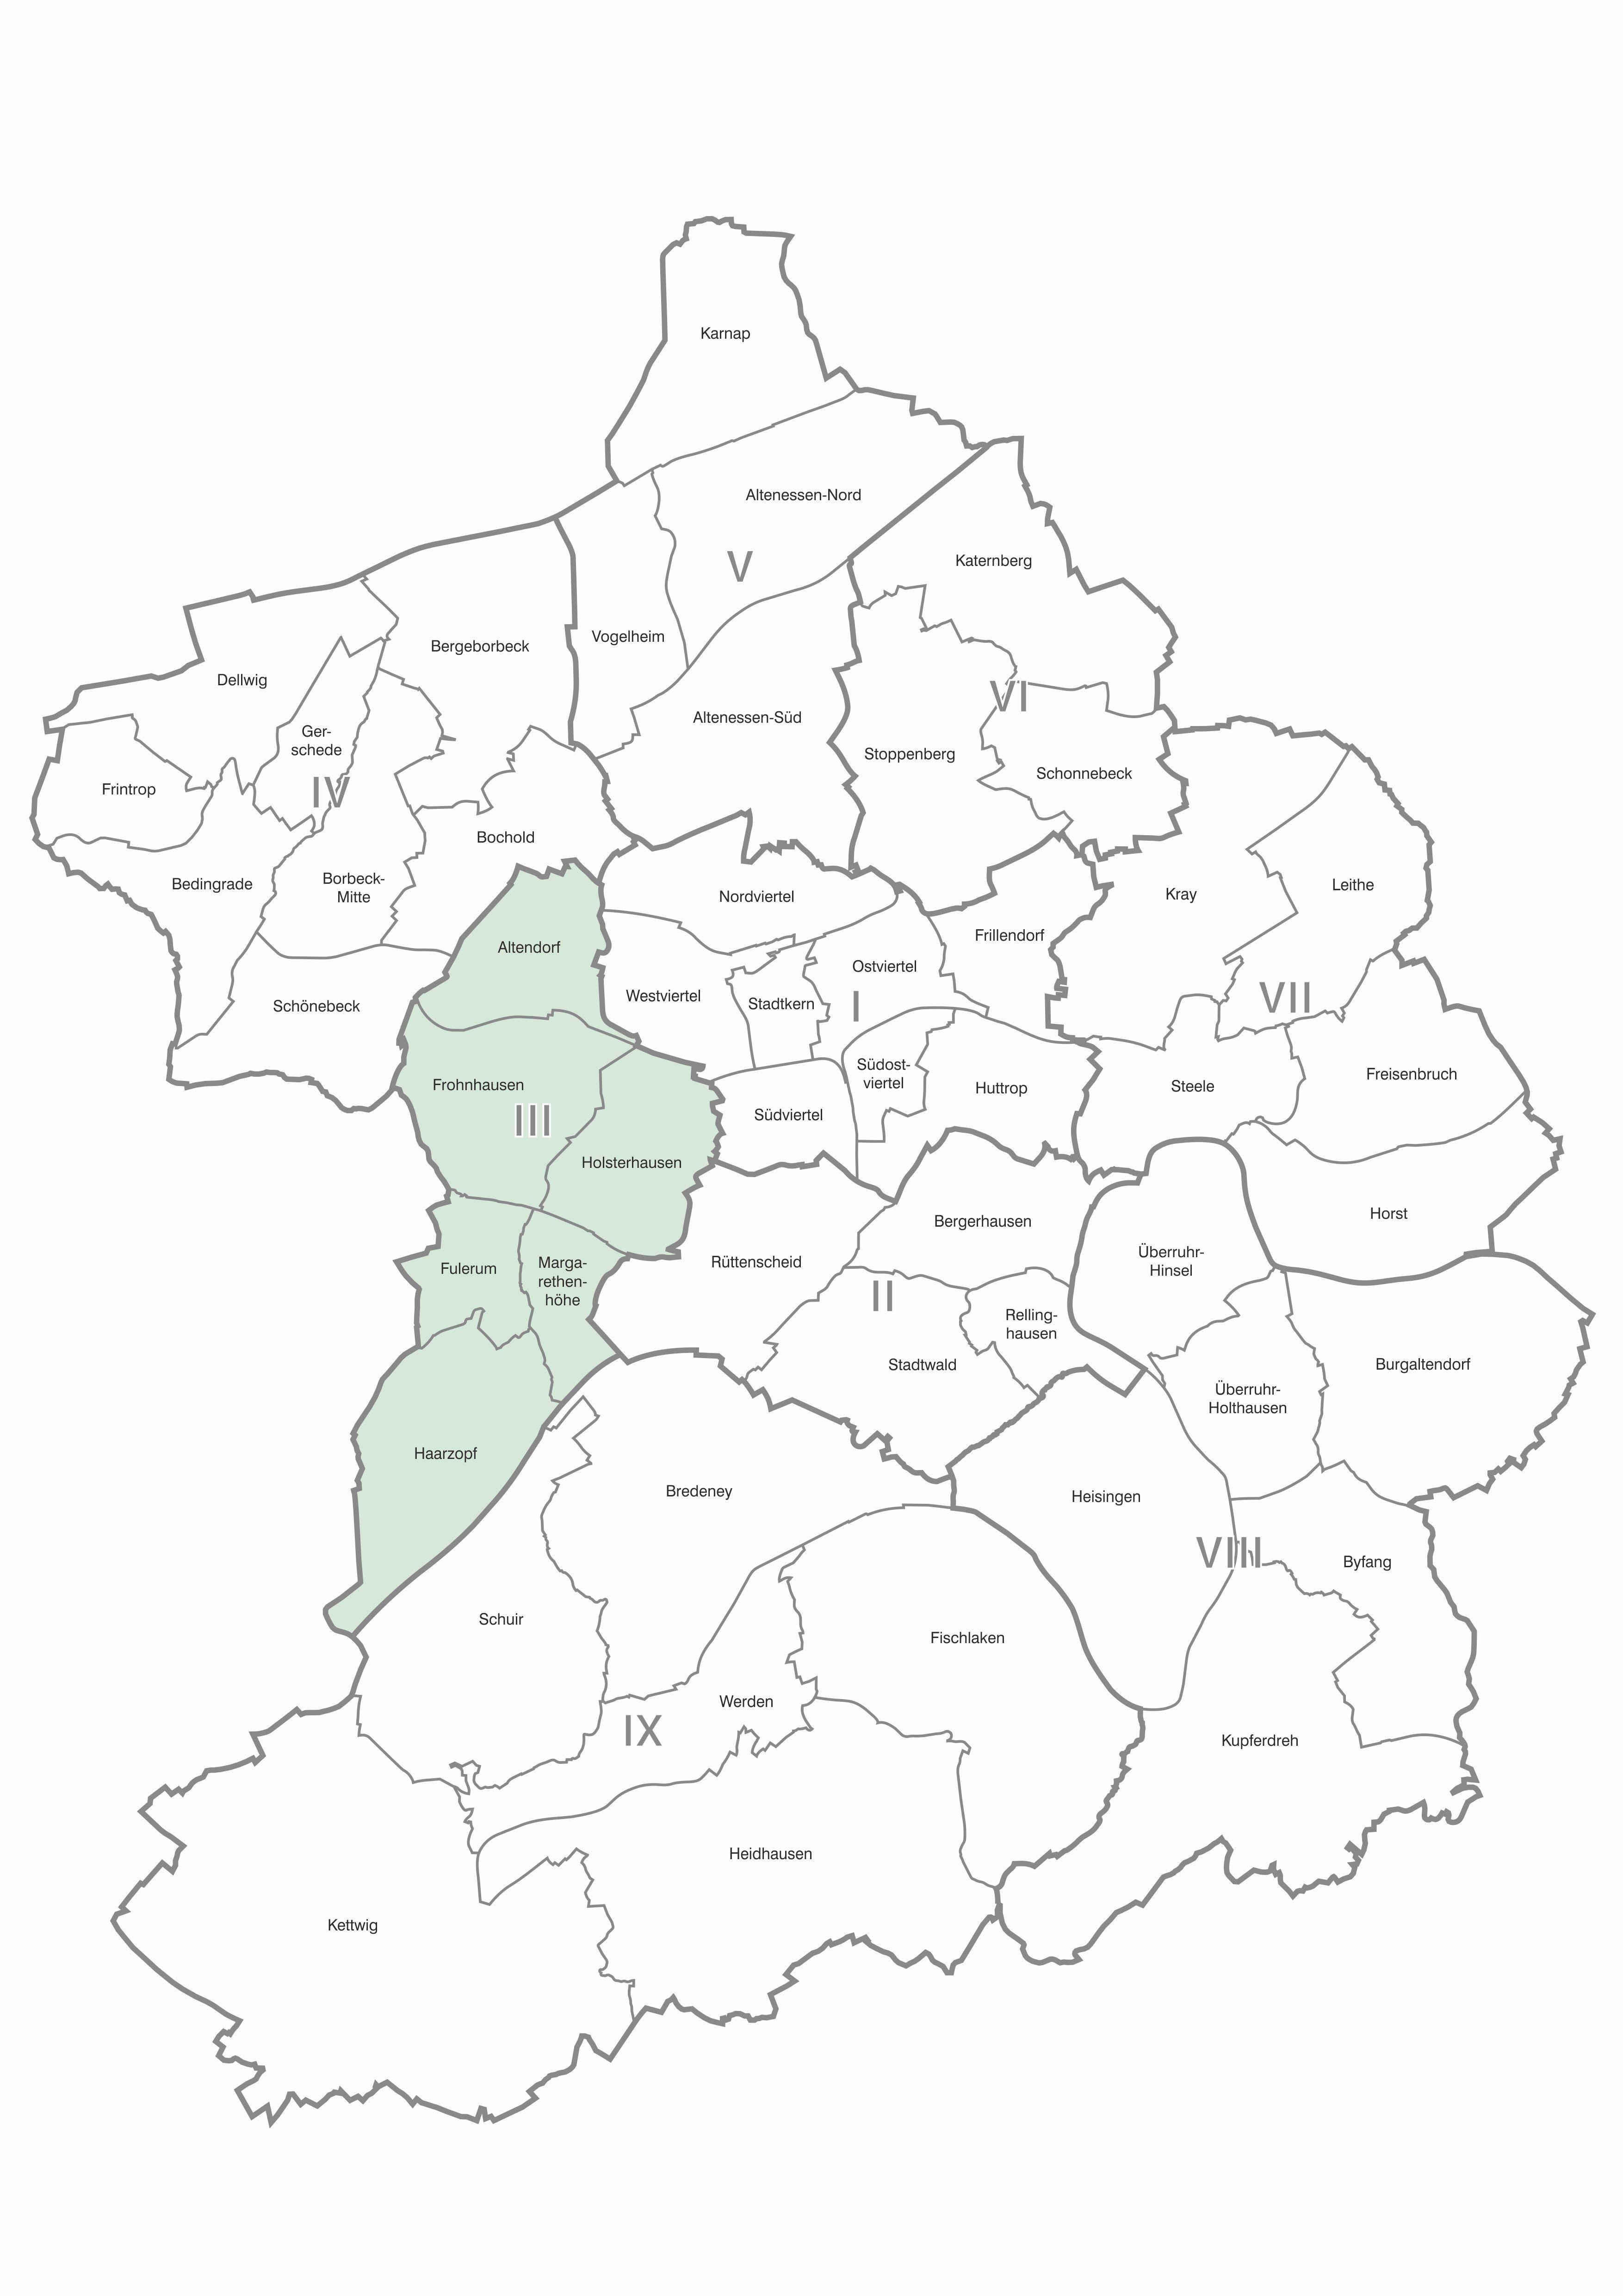 Karte der Stadtteile und Bezirke Essen, Bezirk 3